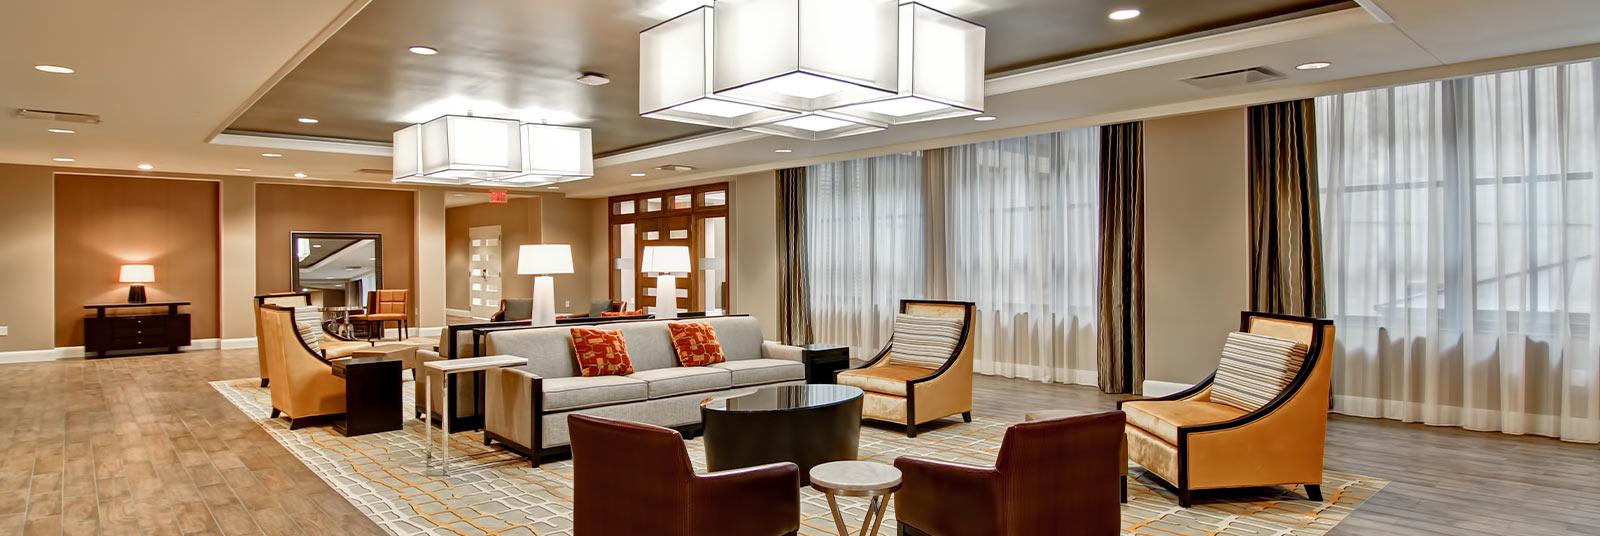 Lobby and seating area in the Hampton Inn in downtown Cincinnati, Ohio.